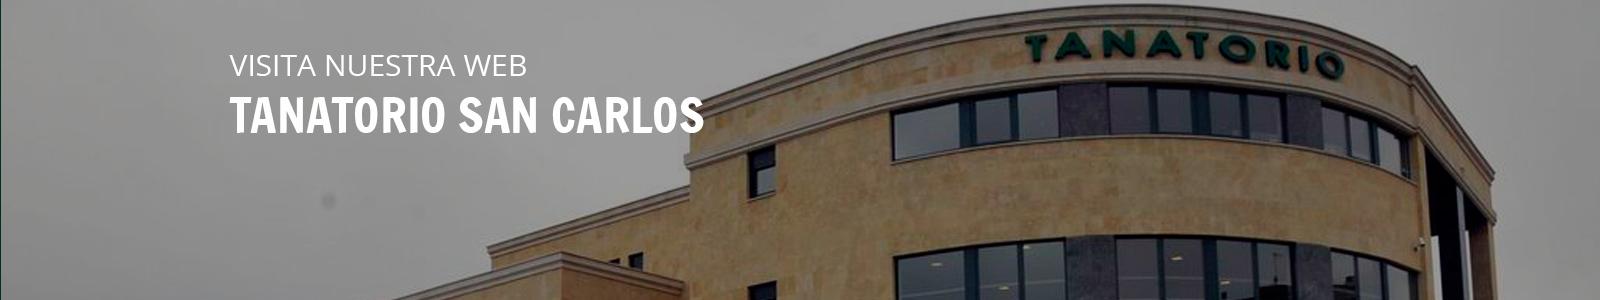 Visita nuestra web TANATORIO SAN CARLOS